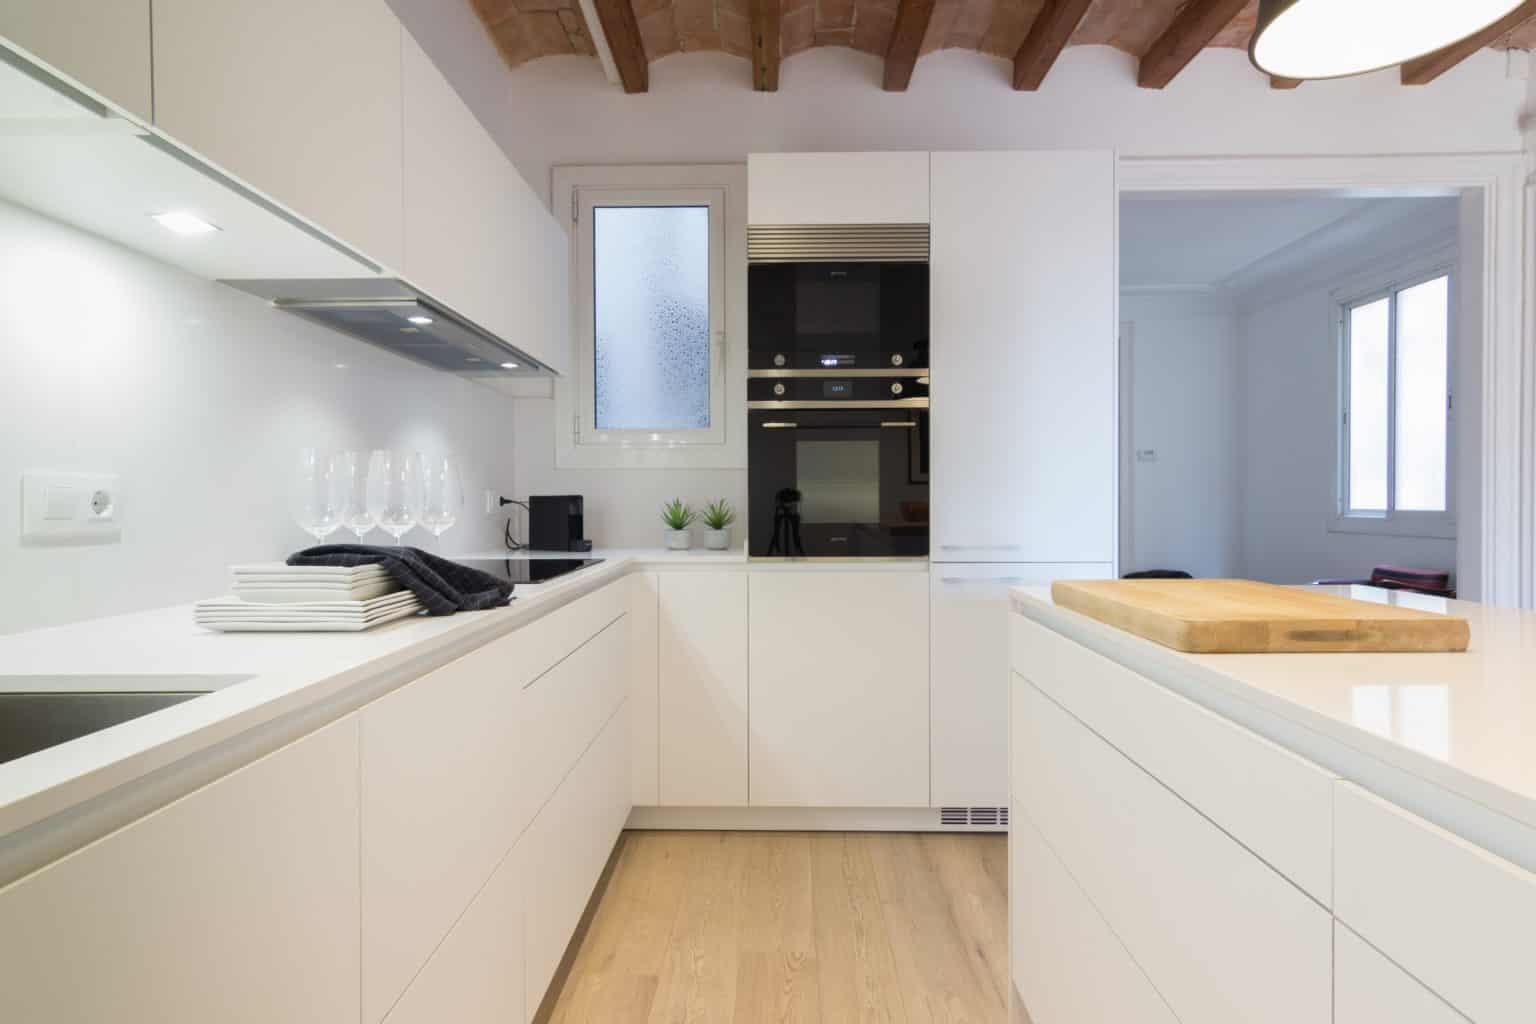 6 Preguntas que debes resolver antes de reformar la cocina